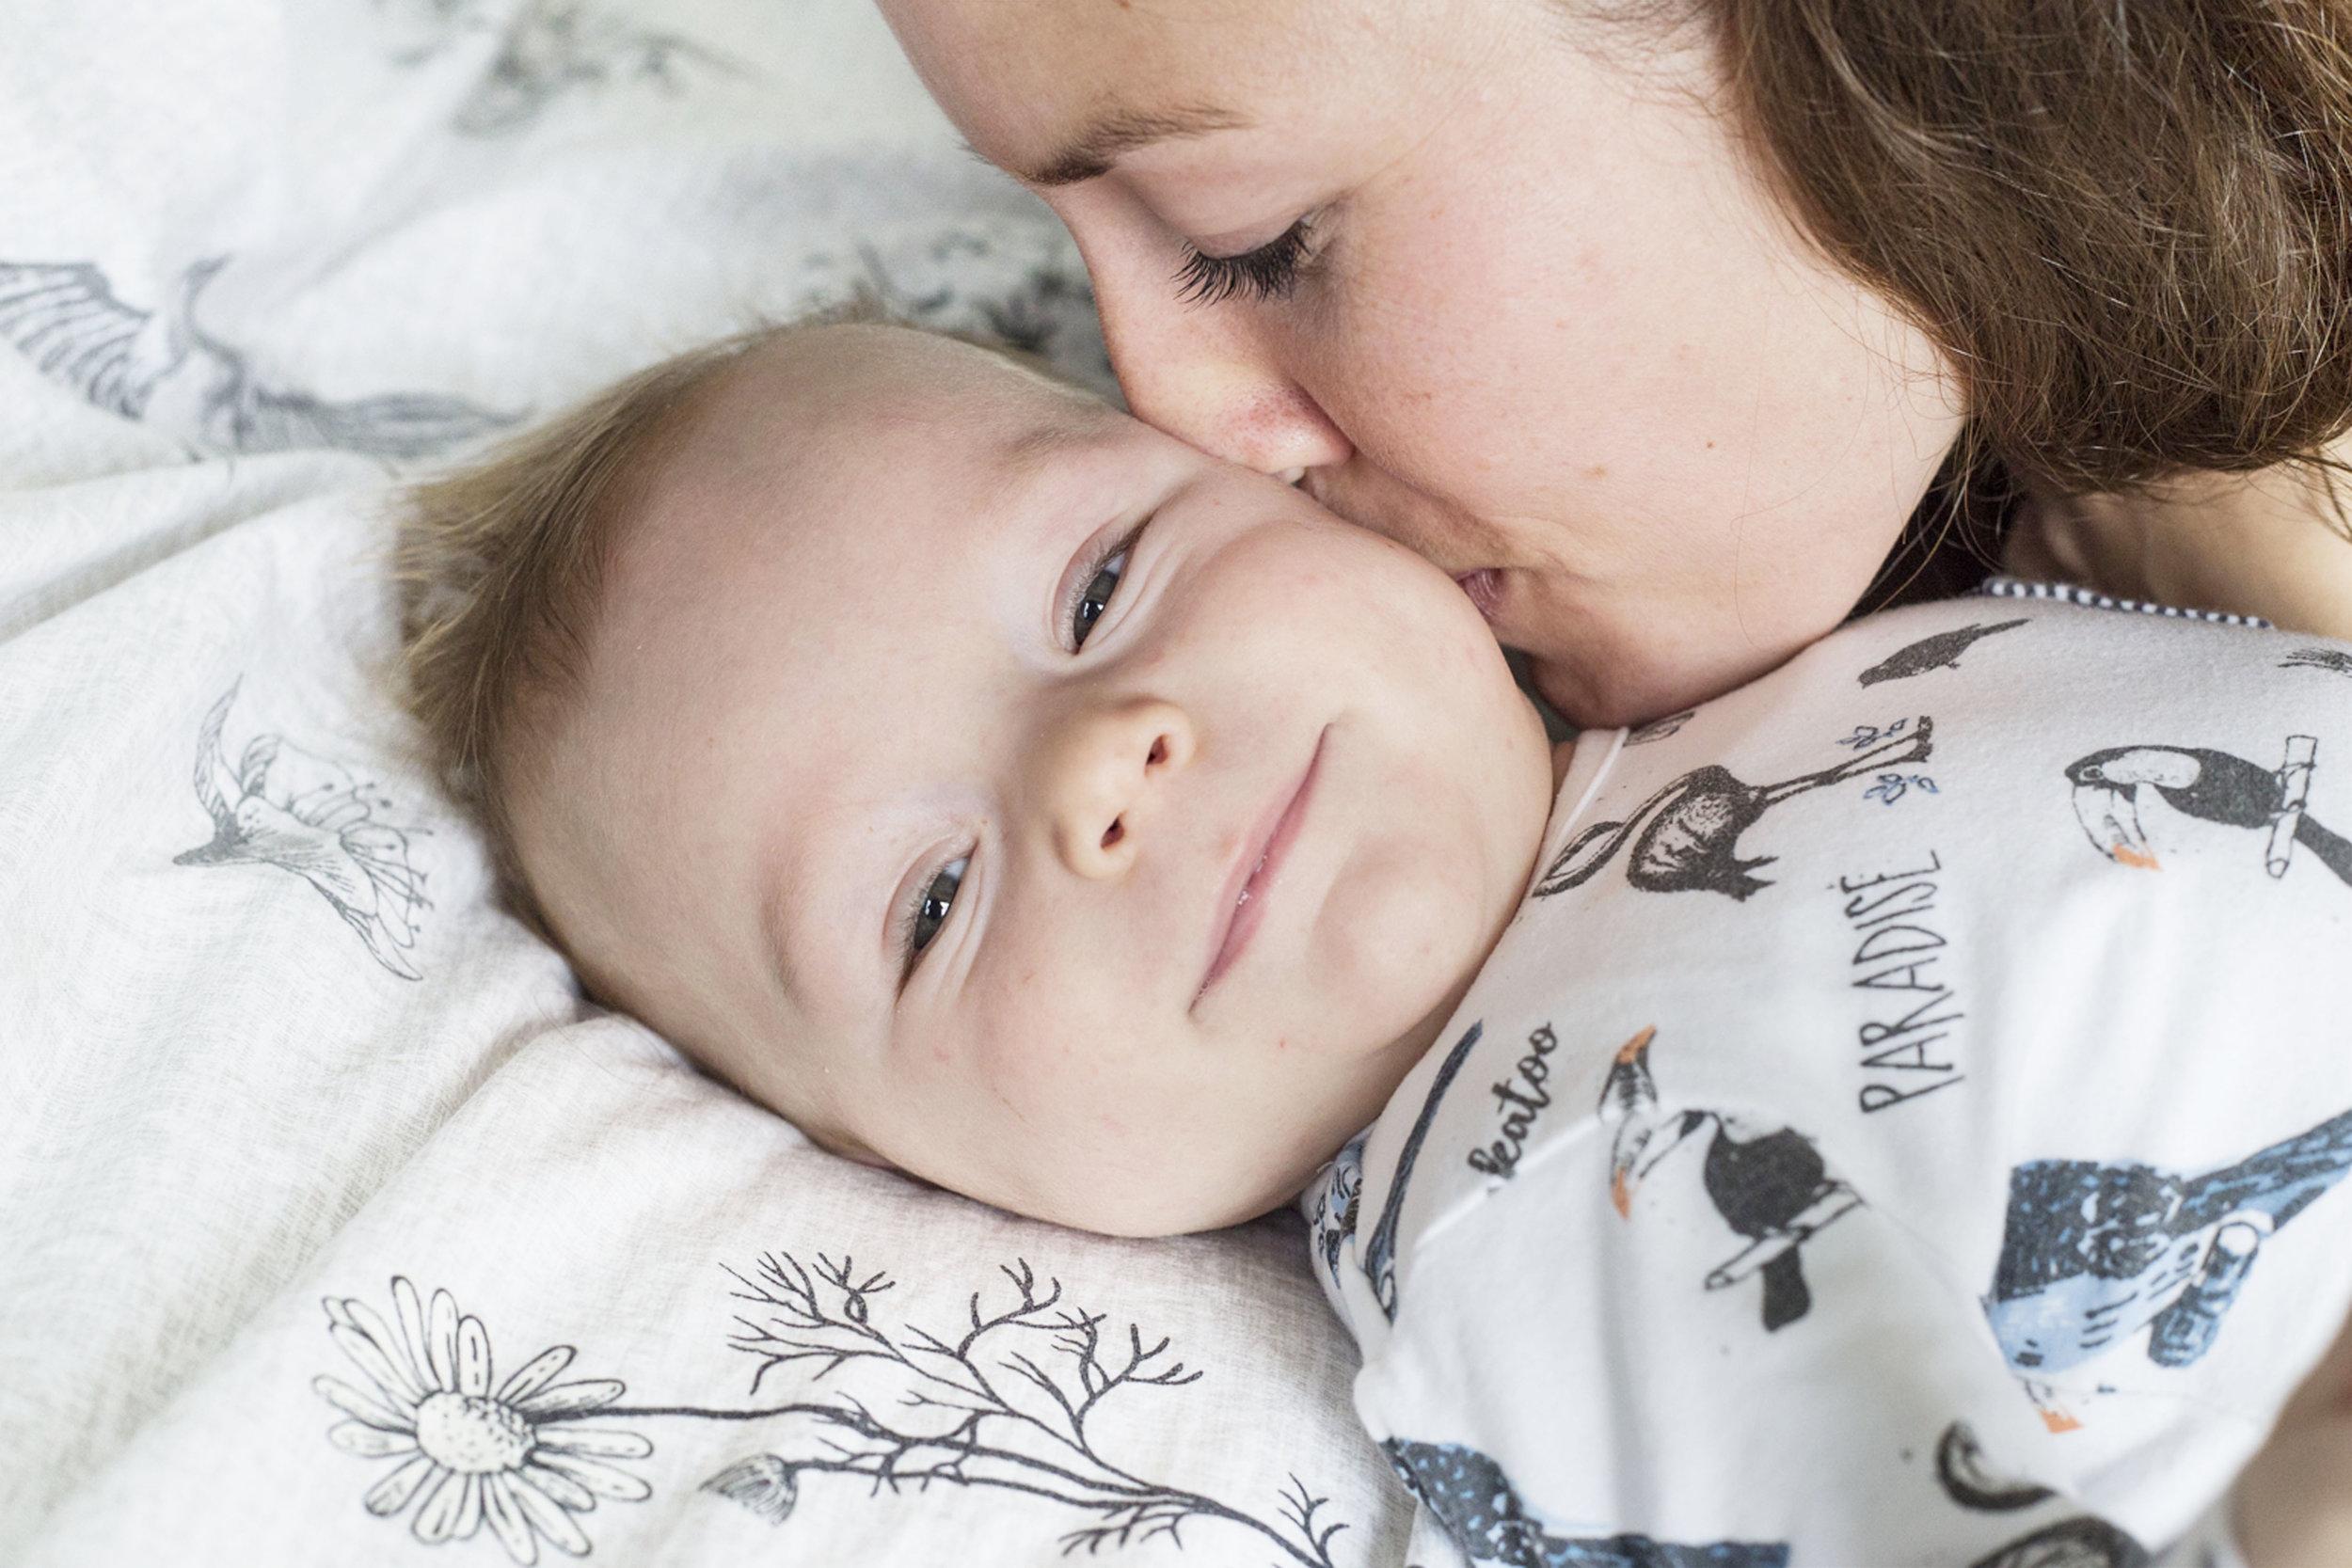 """'Hoe mooi om deze herinneringen extra te kunnen koesteren' - """"Toen Bram vier maanden oud was, hebben we een baby shoot met Kiri gedaan. Ik vond het best spannend hoe Bram het zou vinden, maar Kiri was zo ontspannen en zorgde voor een goede sfeer, waardoor ze echt mooie foto's heeft kunnen maken! We zijn heel blij met het resultaat en ook trots dat hij zo mooi is vastgelegd voor nu en ook voor later.De babytijd vliegt voorbij, dus hoe mooi is het om juist die tijd en herinneringen op deze manier extra te kunnen koesteren!"""" - Annemieke M."""